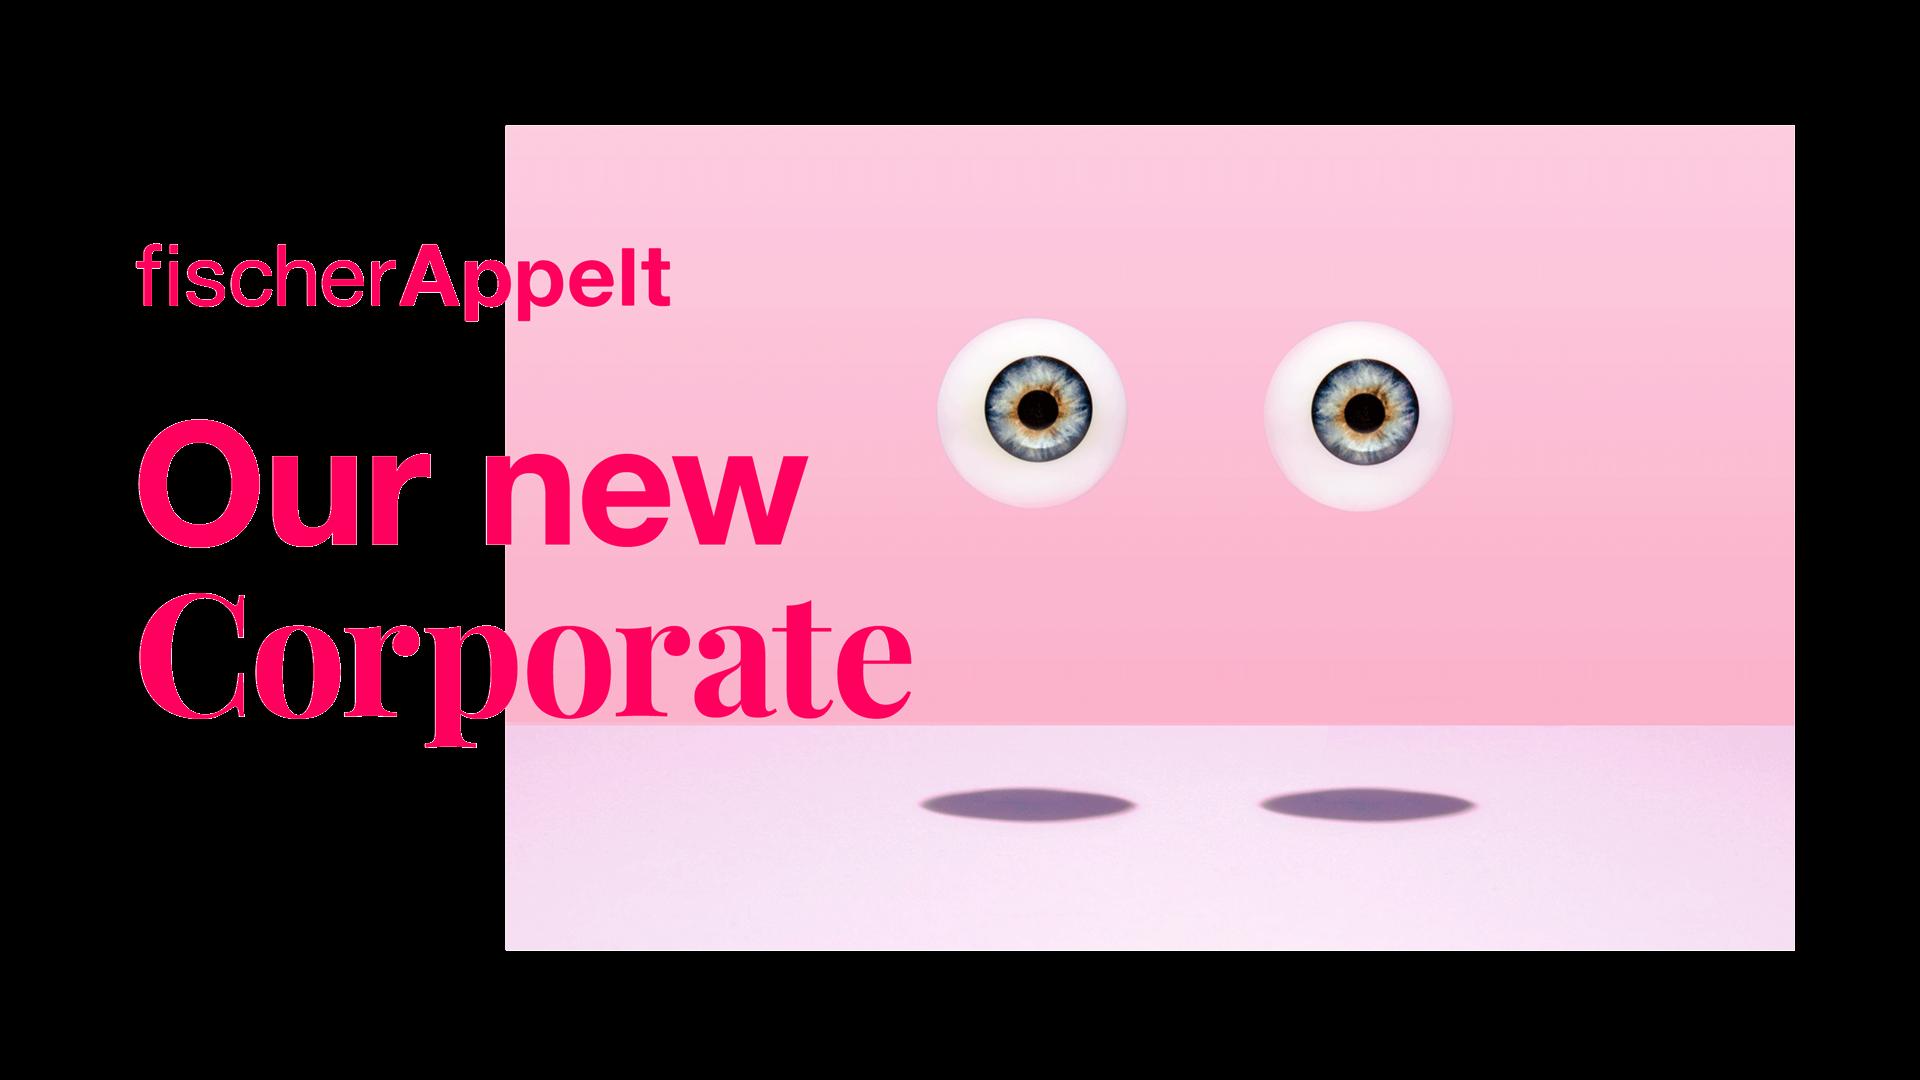 """schwebende Augen auf pinkem HIntergrund mit der Headline """"Our new corporate"""""""